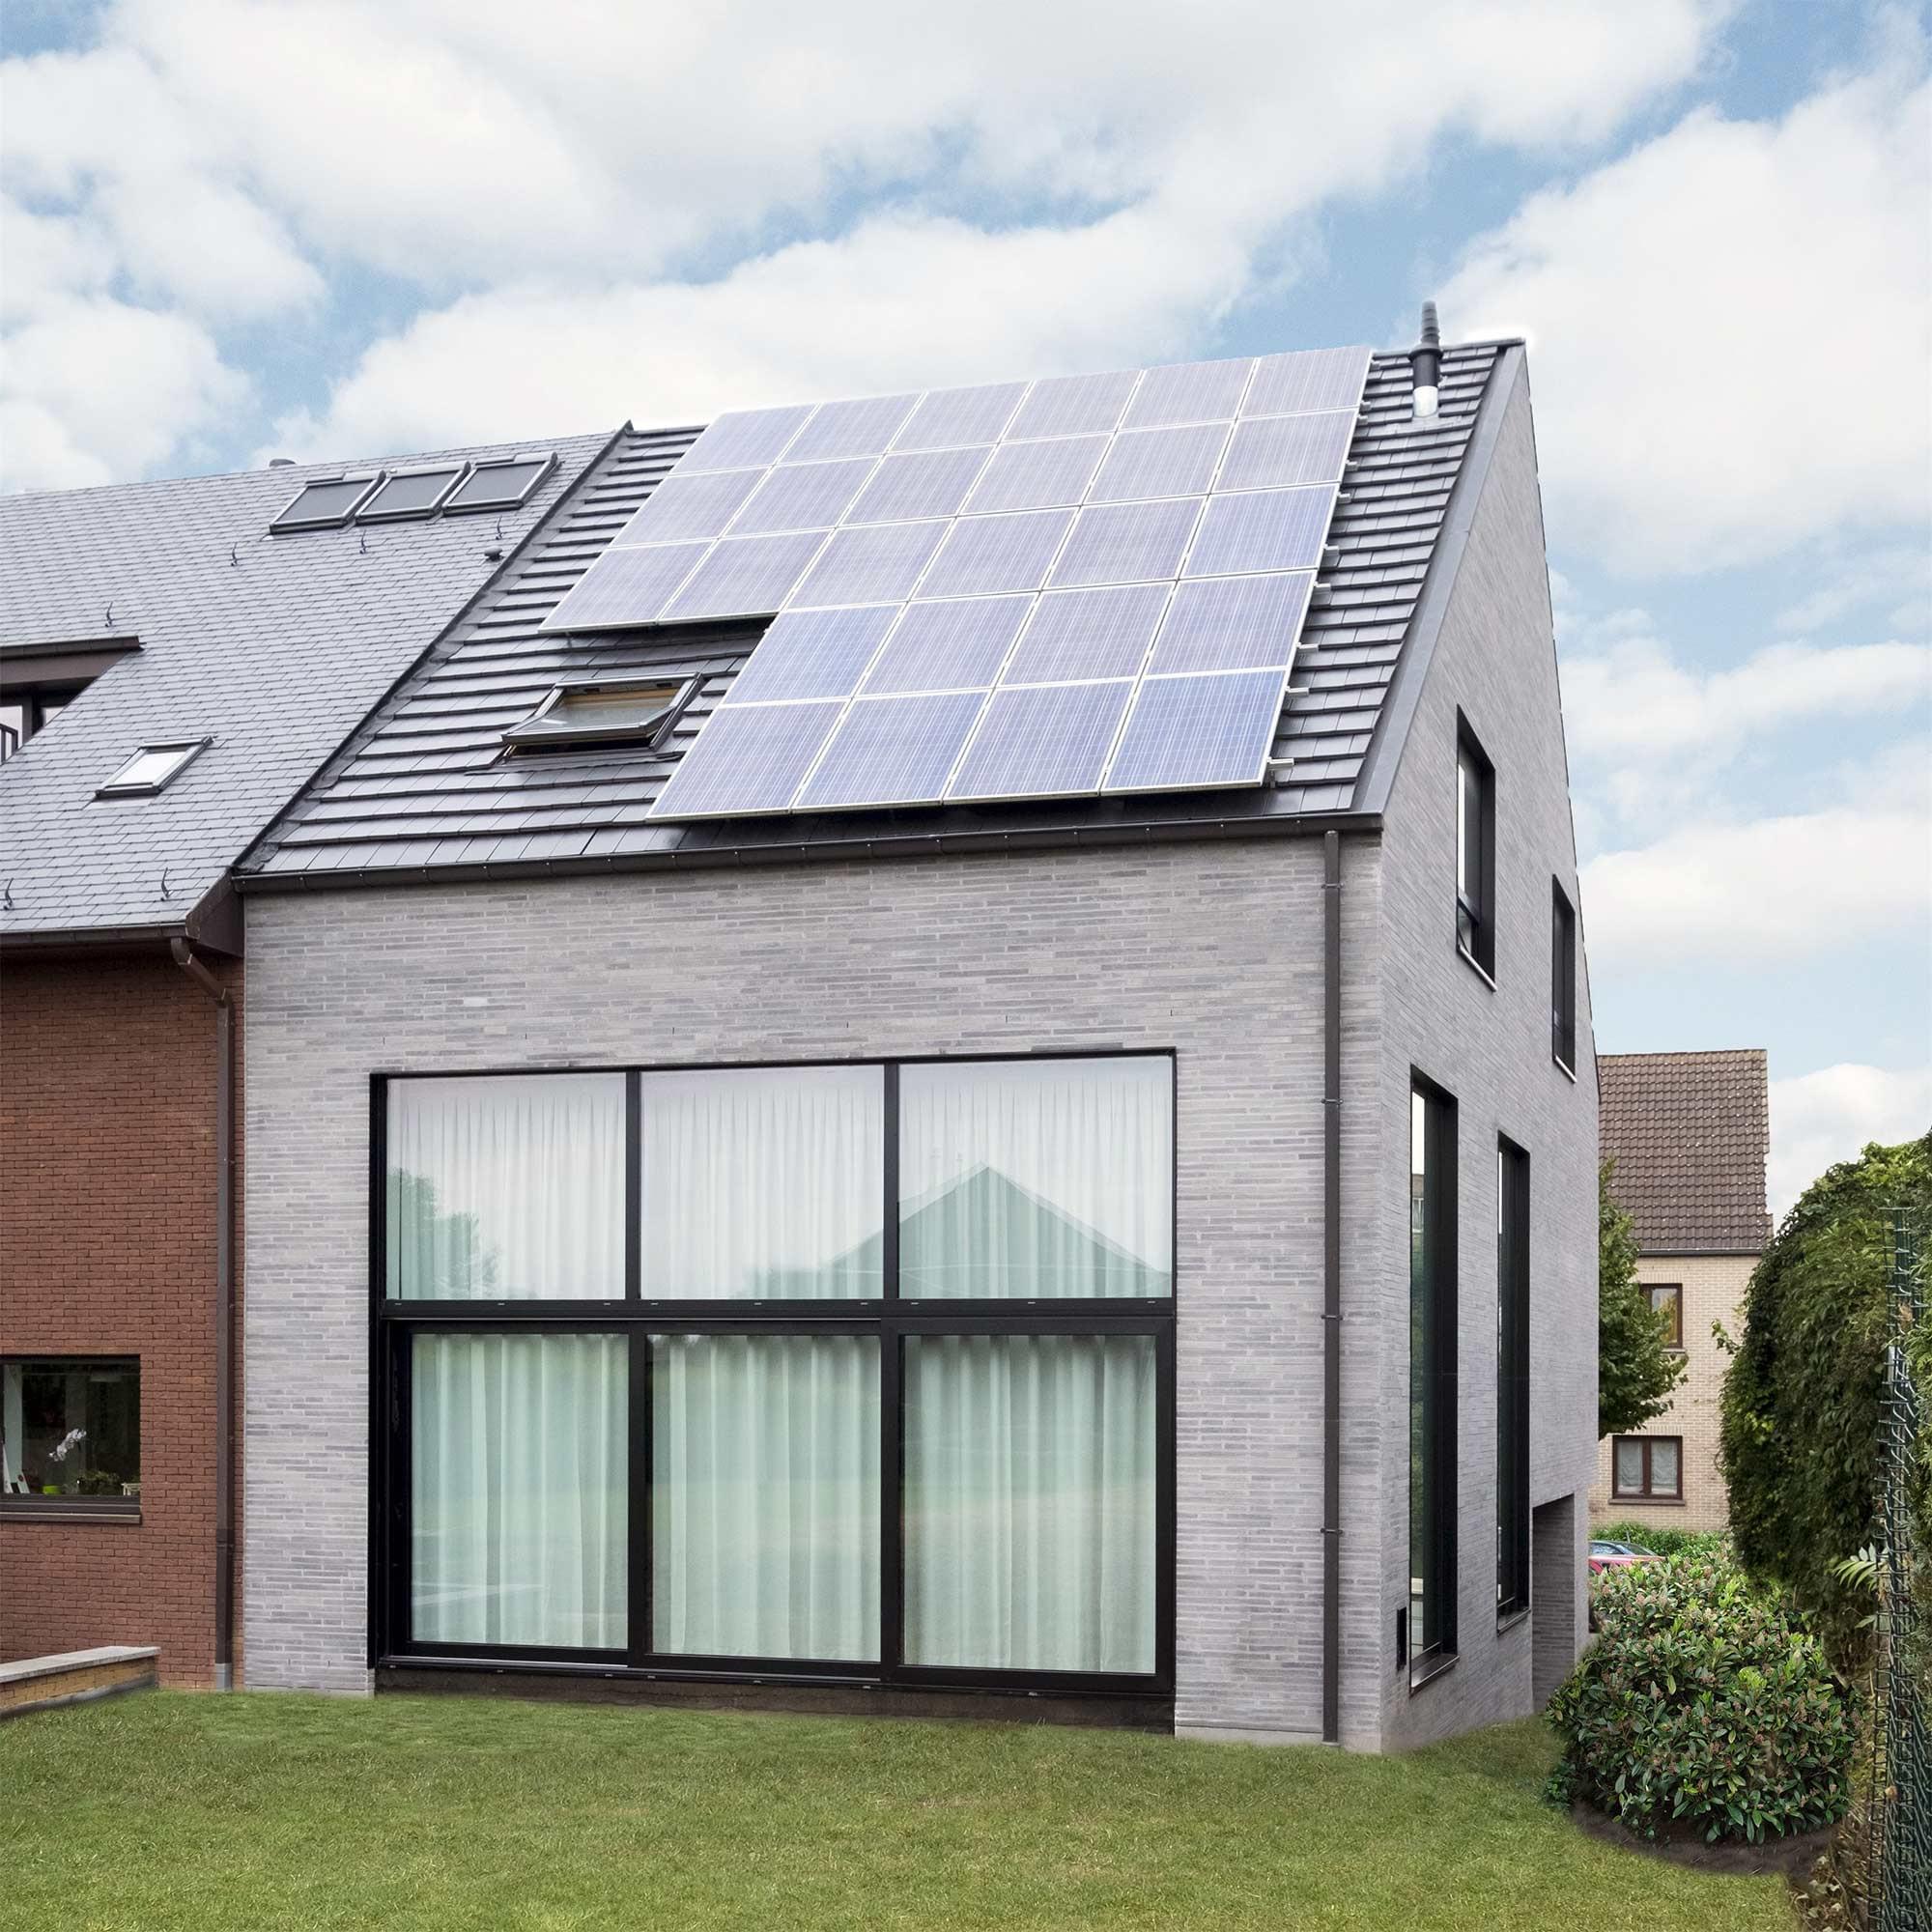 Een woning met zonnewinst, gerealiseerd door Arkana.